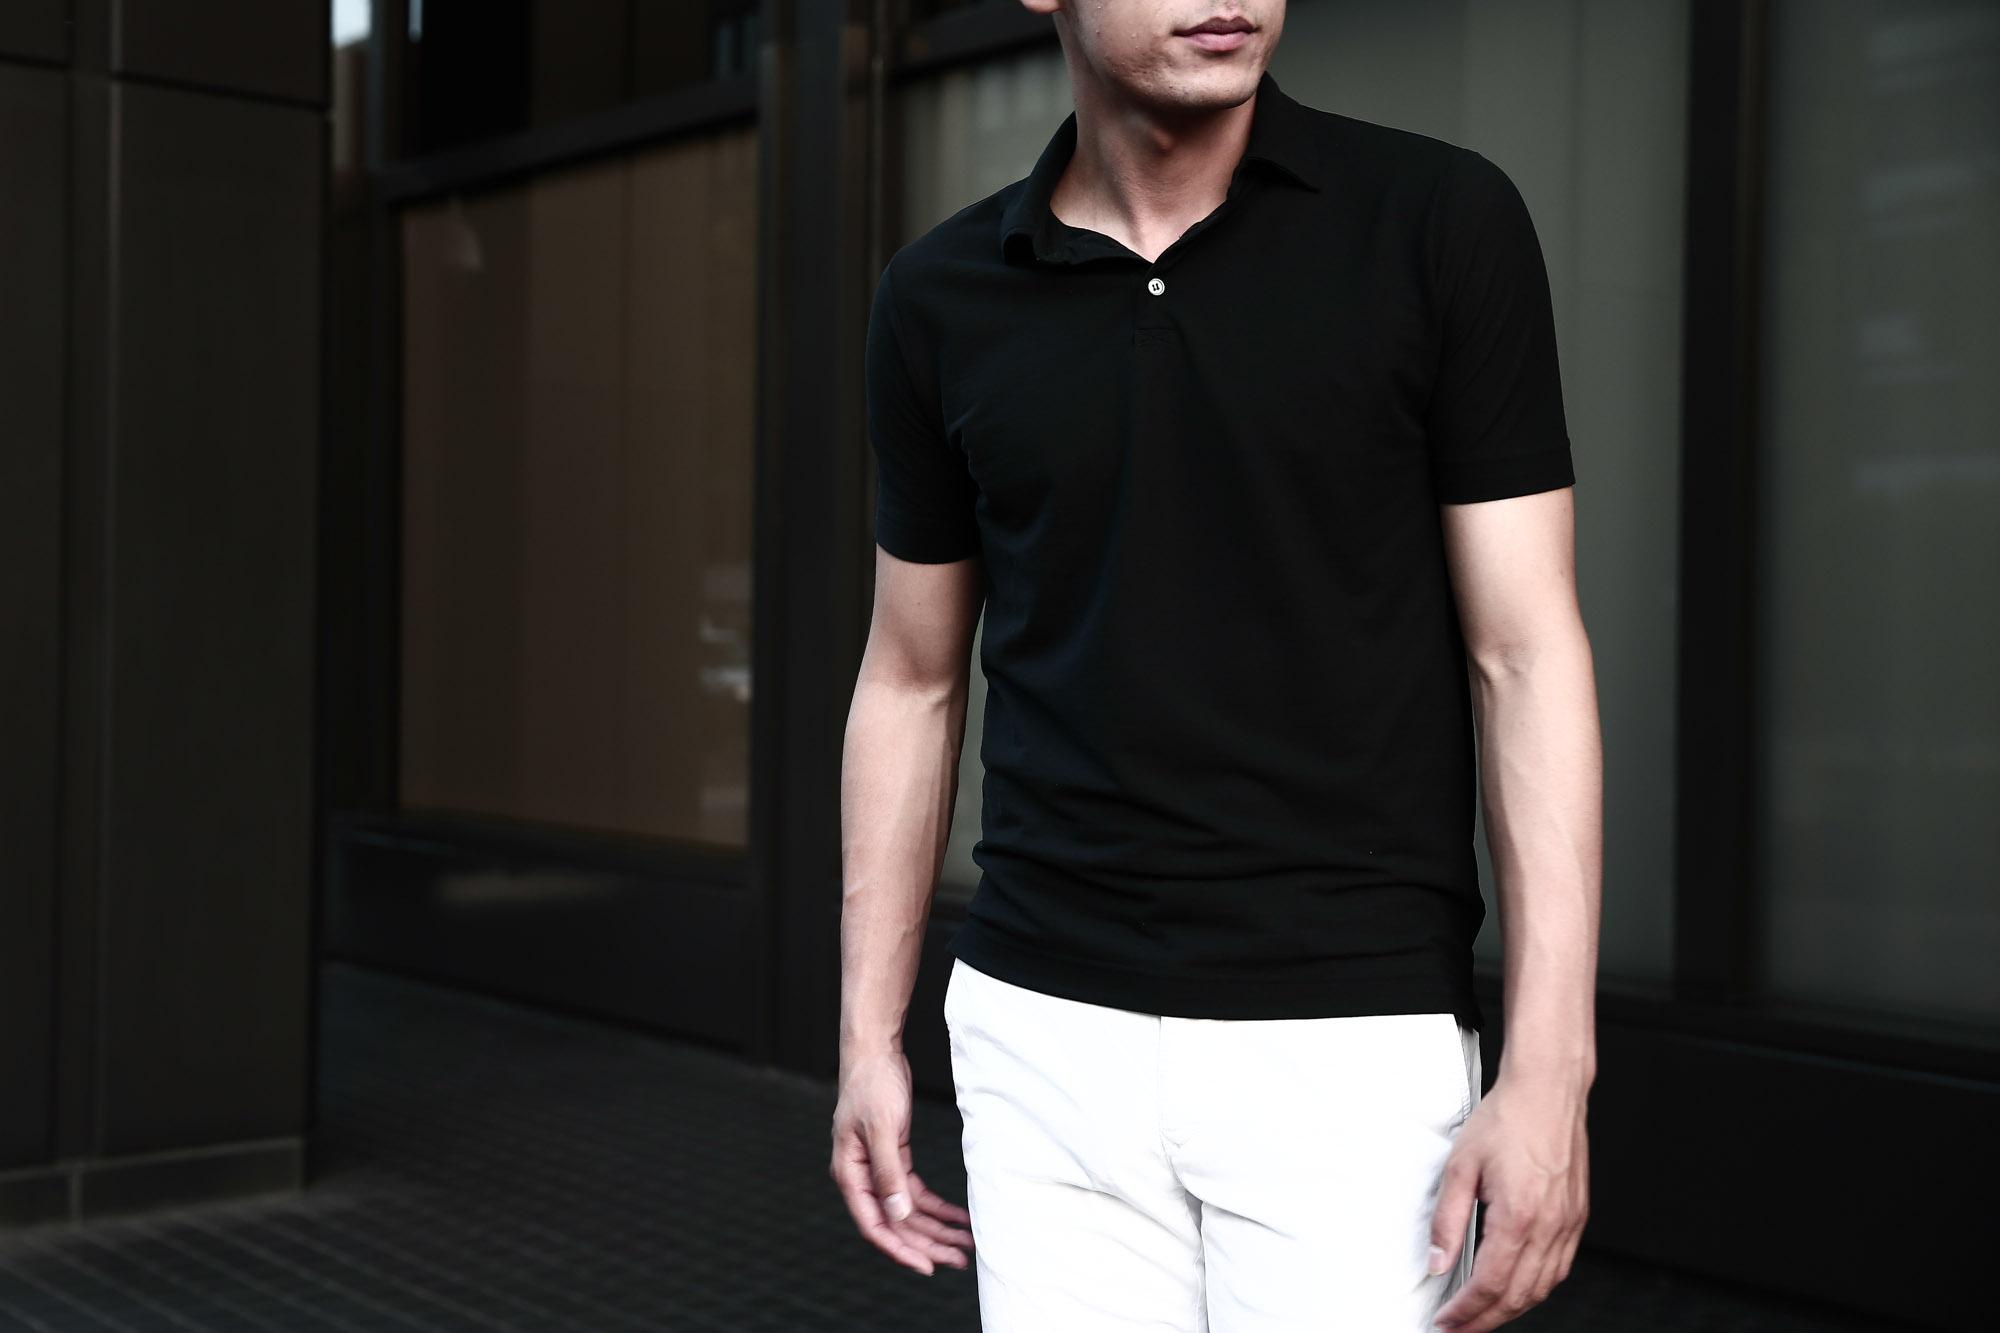 ZANONE ザノーネ 811818 Polo Shirt Ice Cotton アイスコットン ポロシャツ BLACK ブラック INCOTEX SLACKS (インコテックススラックス) 1ST603 SLIM FIT GARMENT DYED H.COMF.GABARDINE ガーメントダイ ストレッチ チノパンツ WHITE (ホワイト・001)